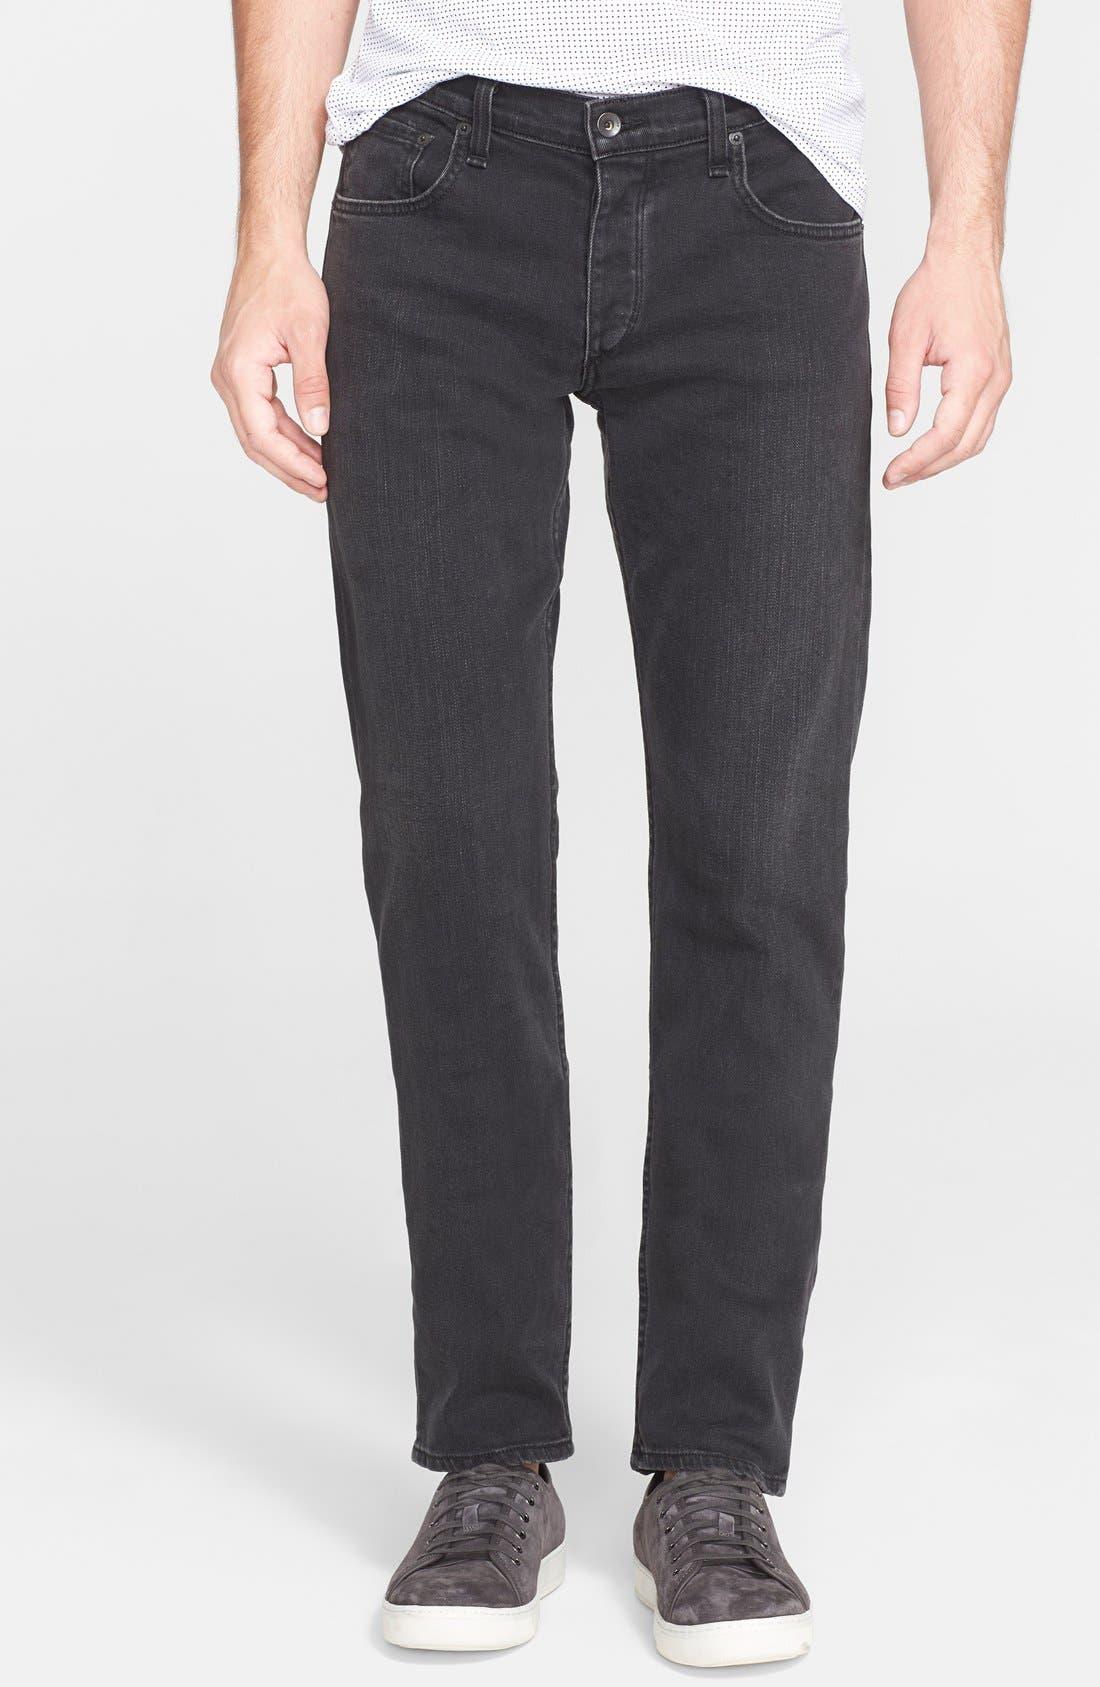 'Fit 2' Slim Fit Jeans,                         Main,                         color, 009